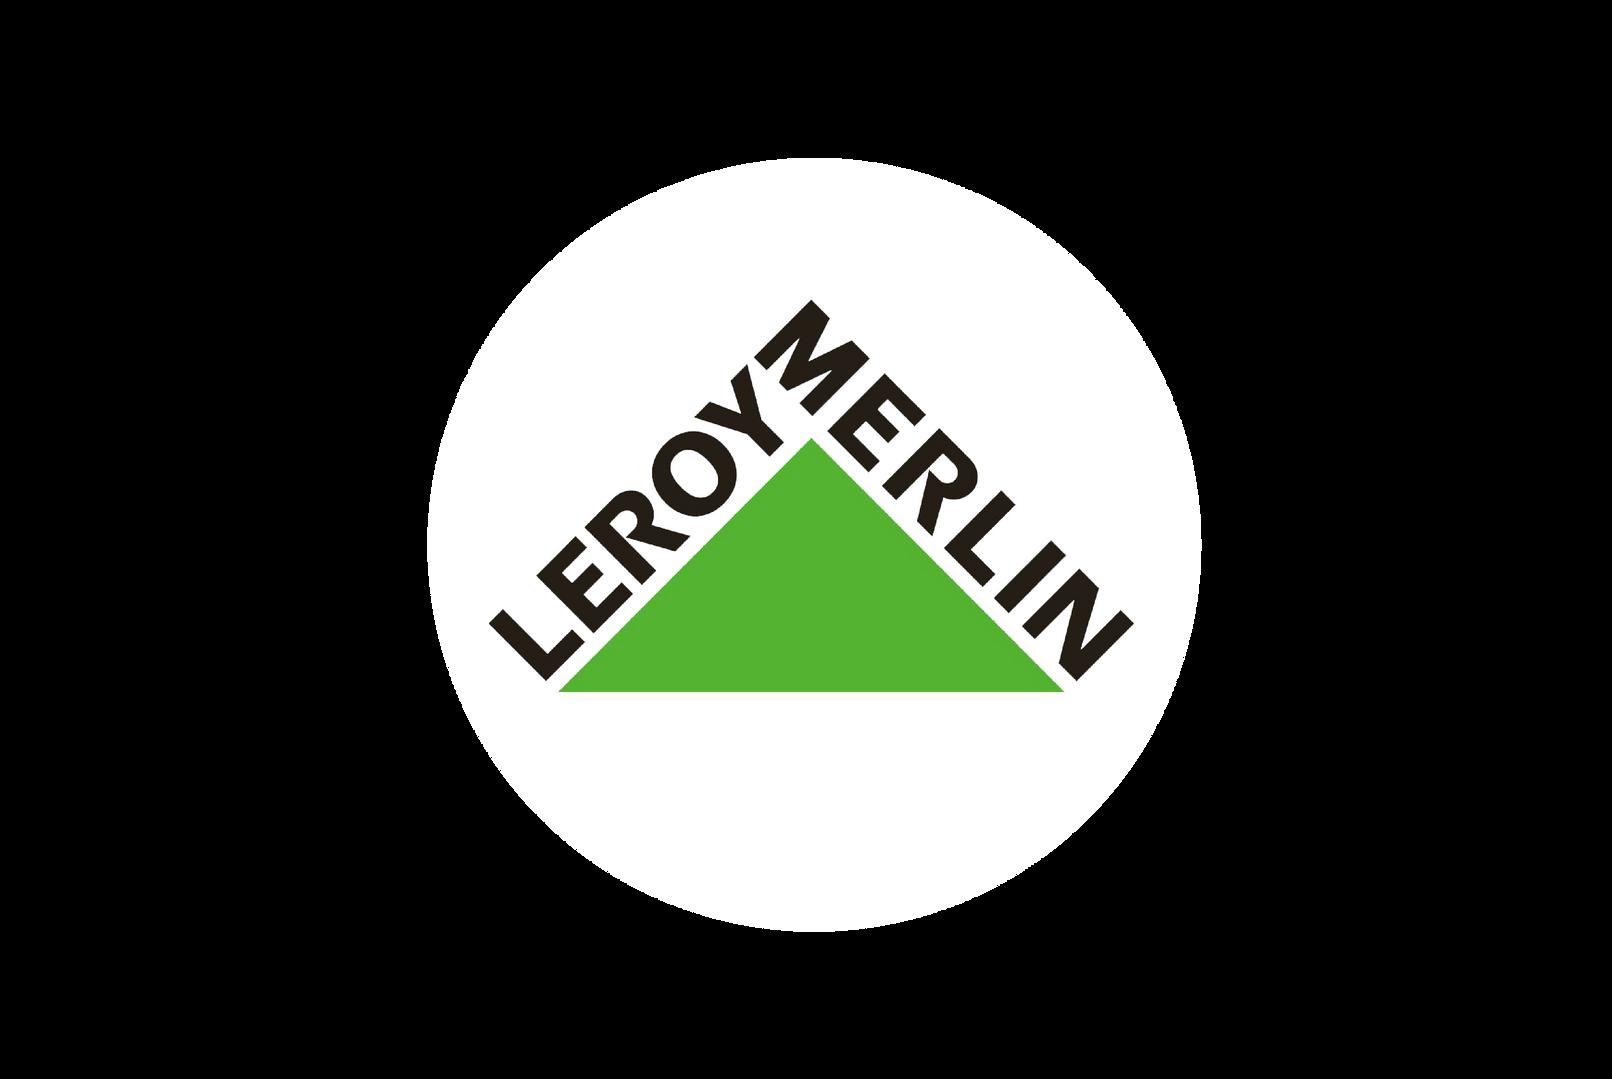 Les Ateliers du Petit Bé - Leroy Merlin